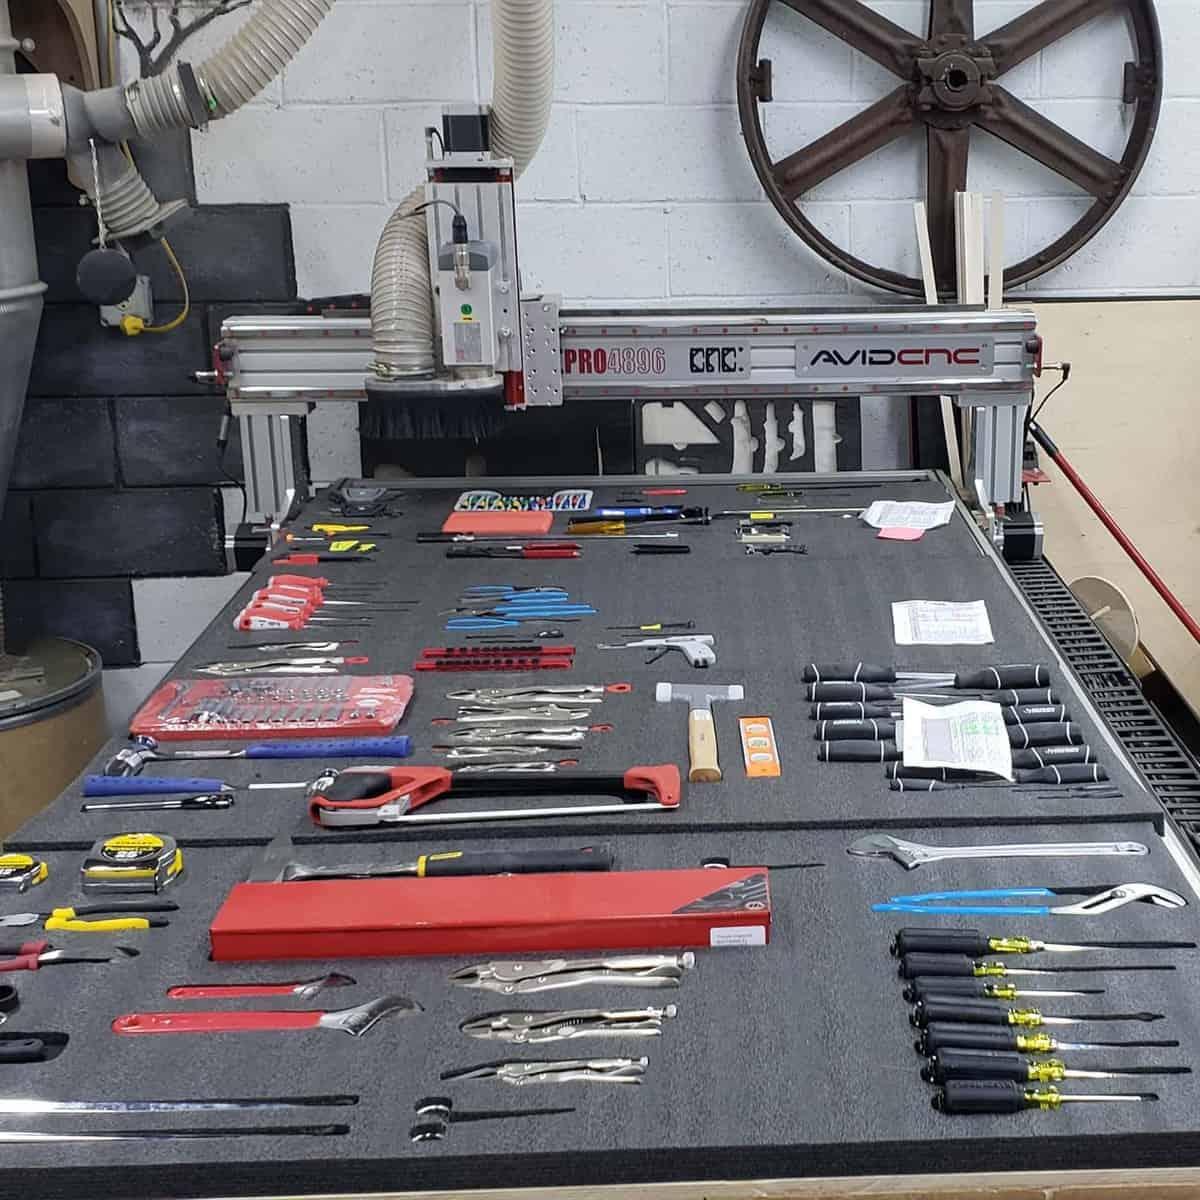 Workbench Tool Storage Ideas -izzyswan_woodworking